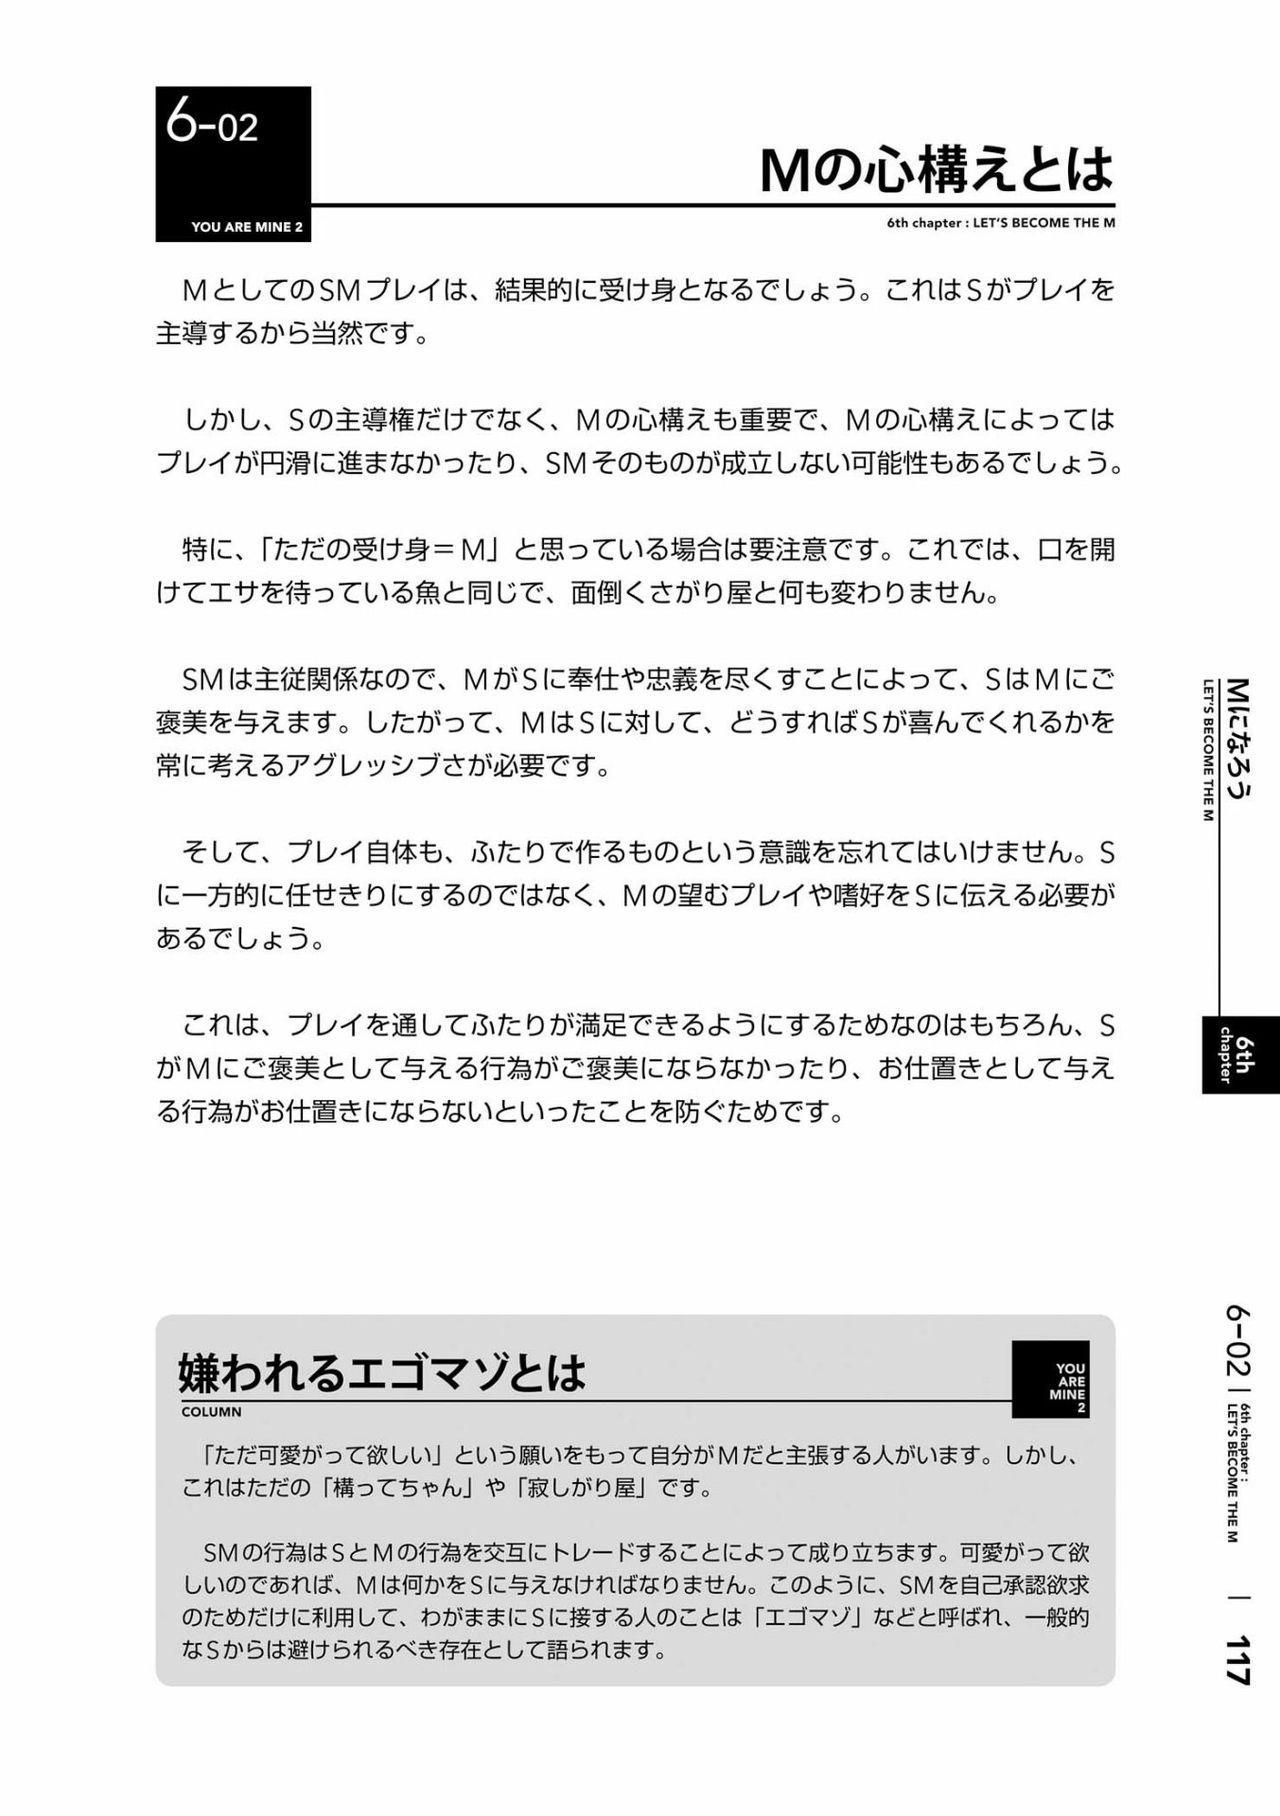 [Mitsuba] Karada mo Kokoro mo Boku no Mono ~Hajimete no SM Guide~ 2 [Digital] 119